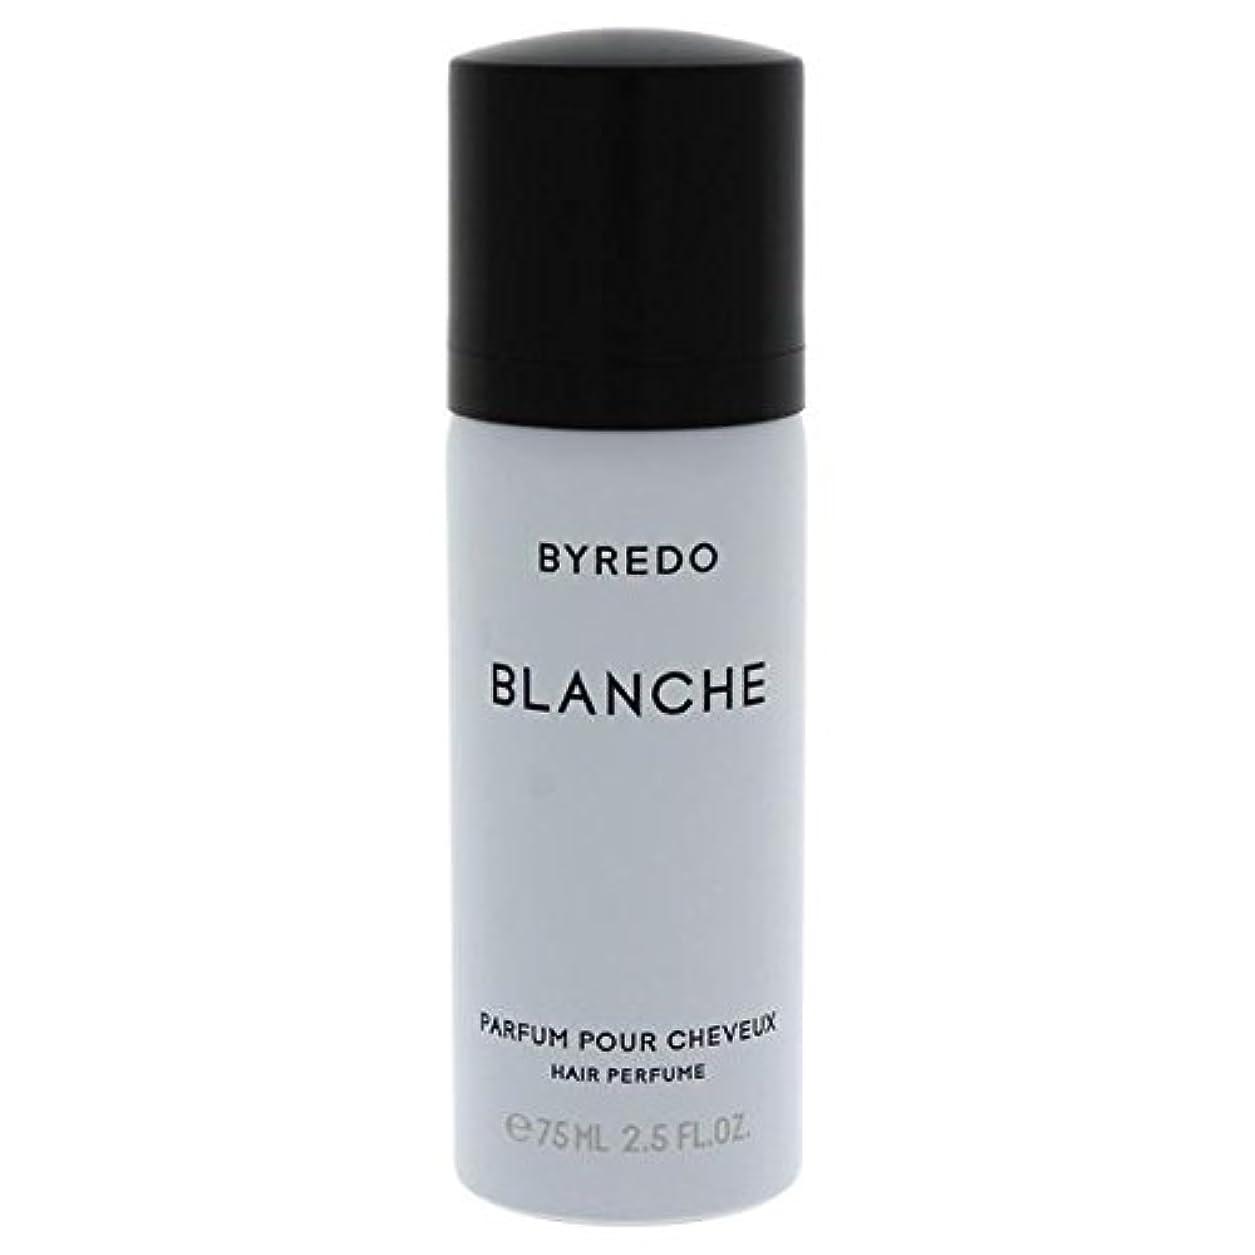 放映信頼性更新するバレード ブランシュ ヘアパフューム 75ml BYREDO BLANCHE HAIR PERFUME